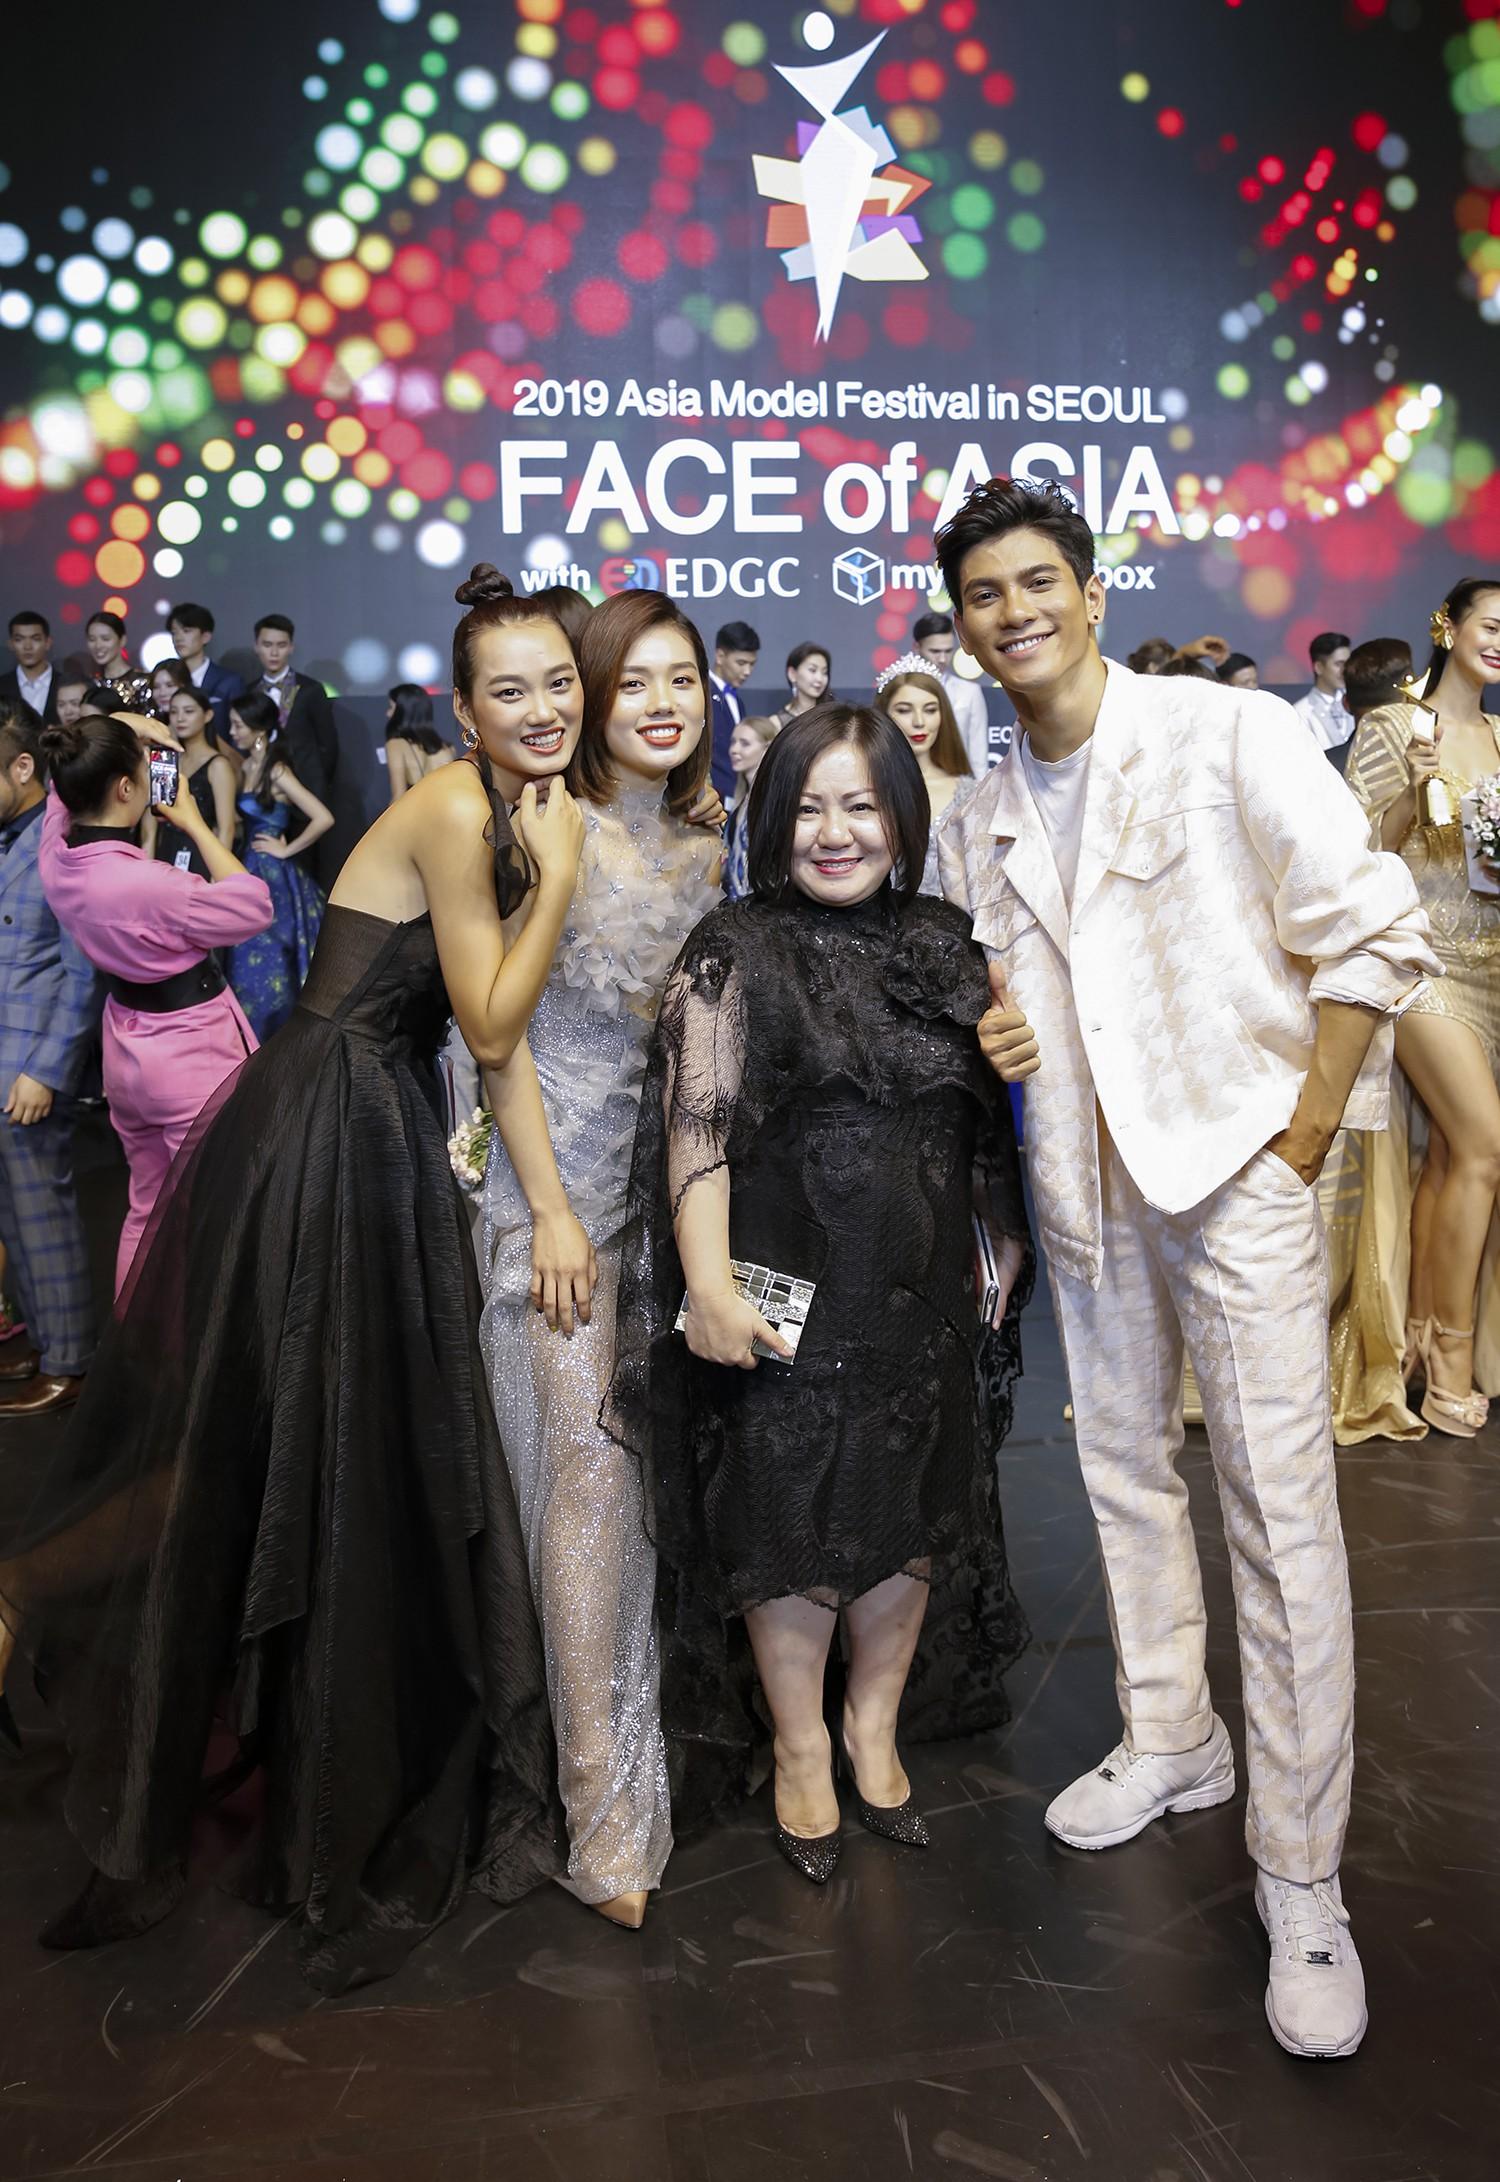 Học trò Võ Hoàng Yến lọt top 10 Face of Asia 2019  - Ảnh 4.